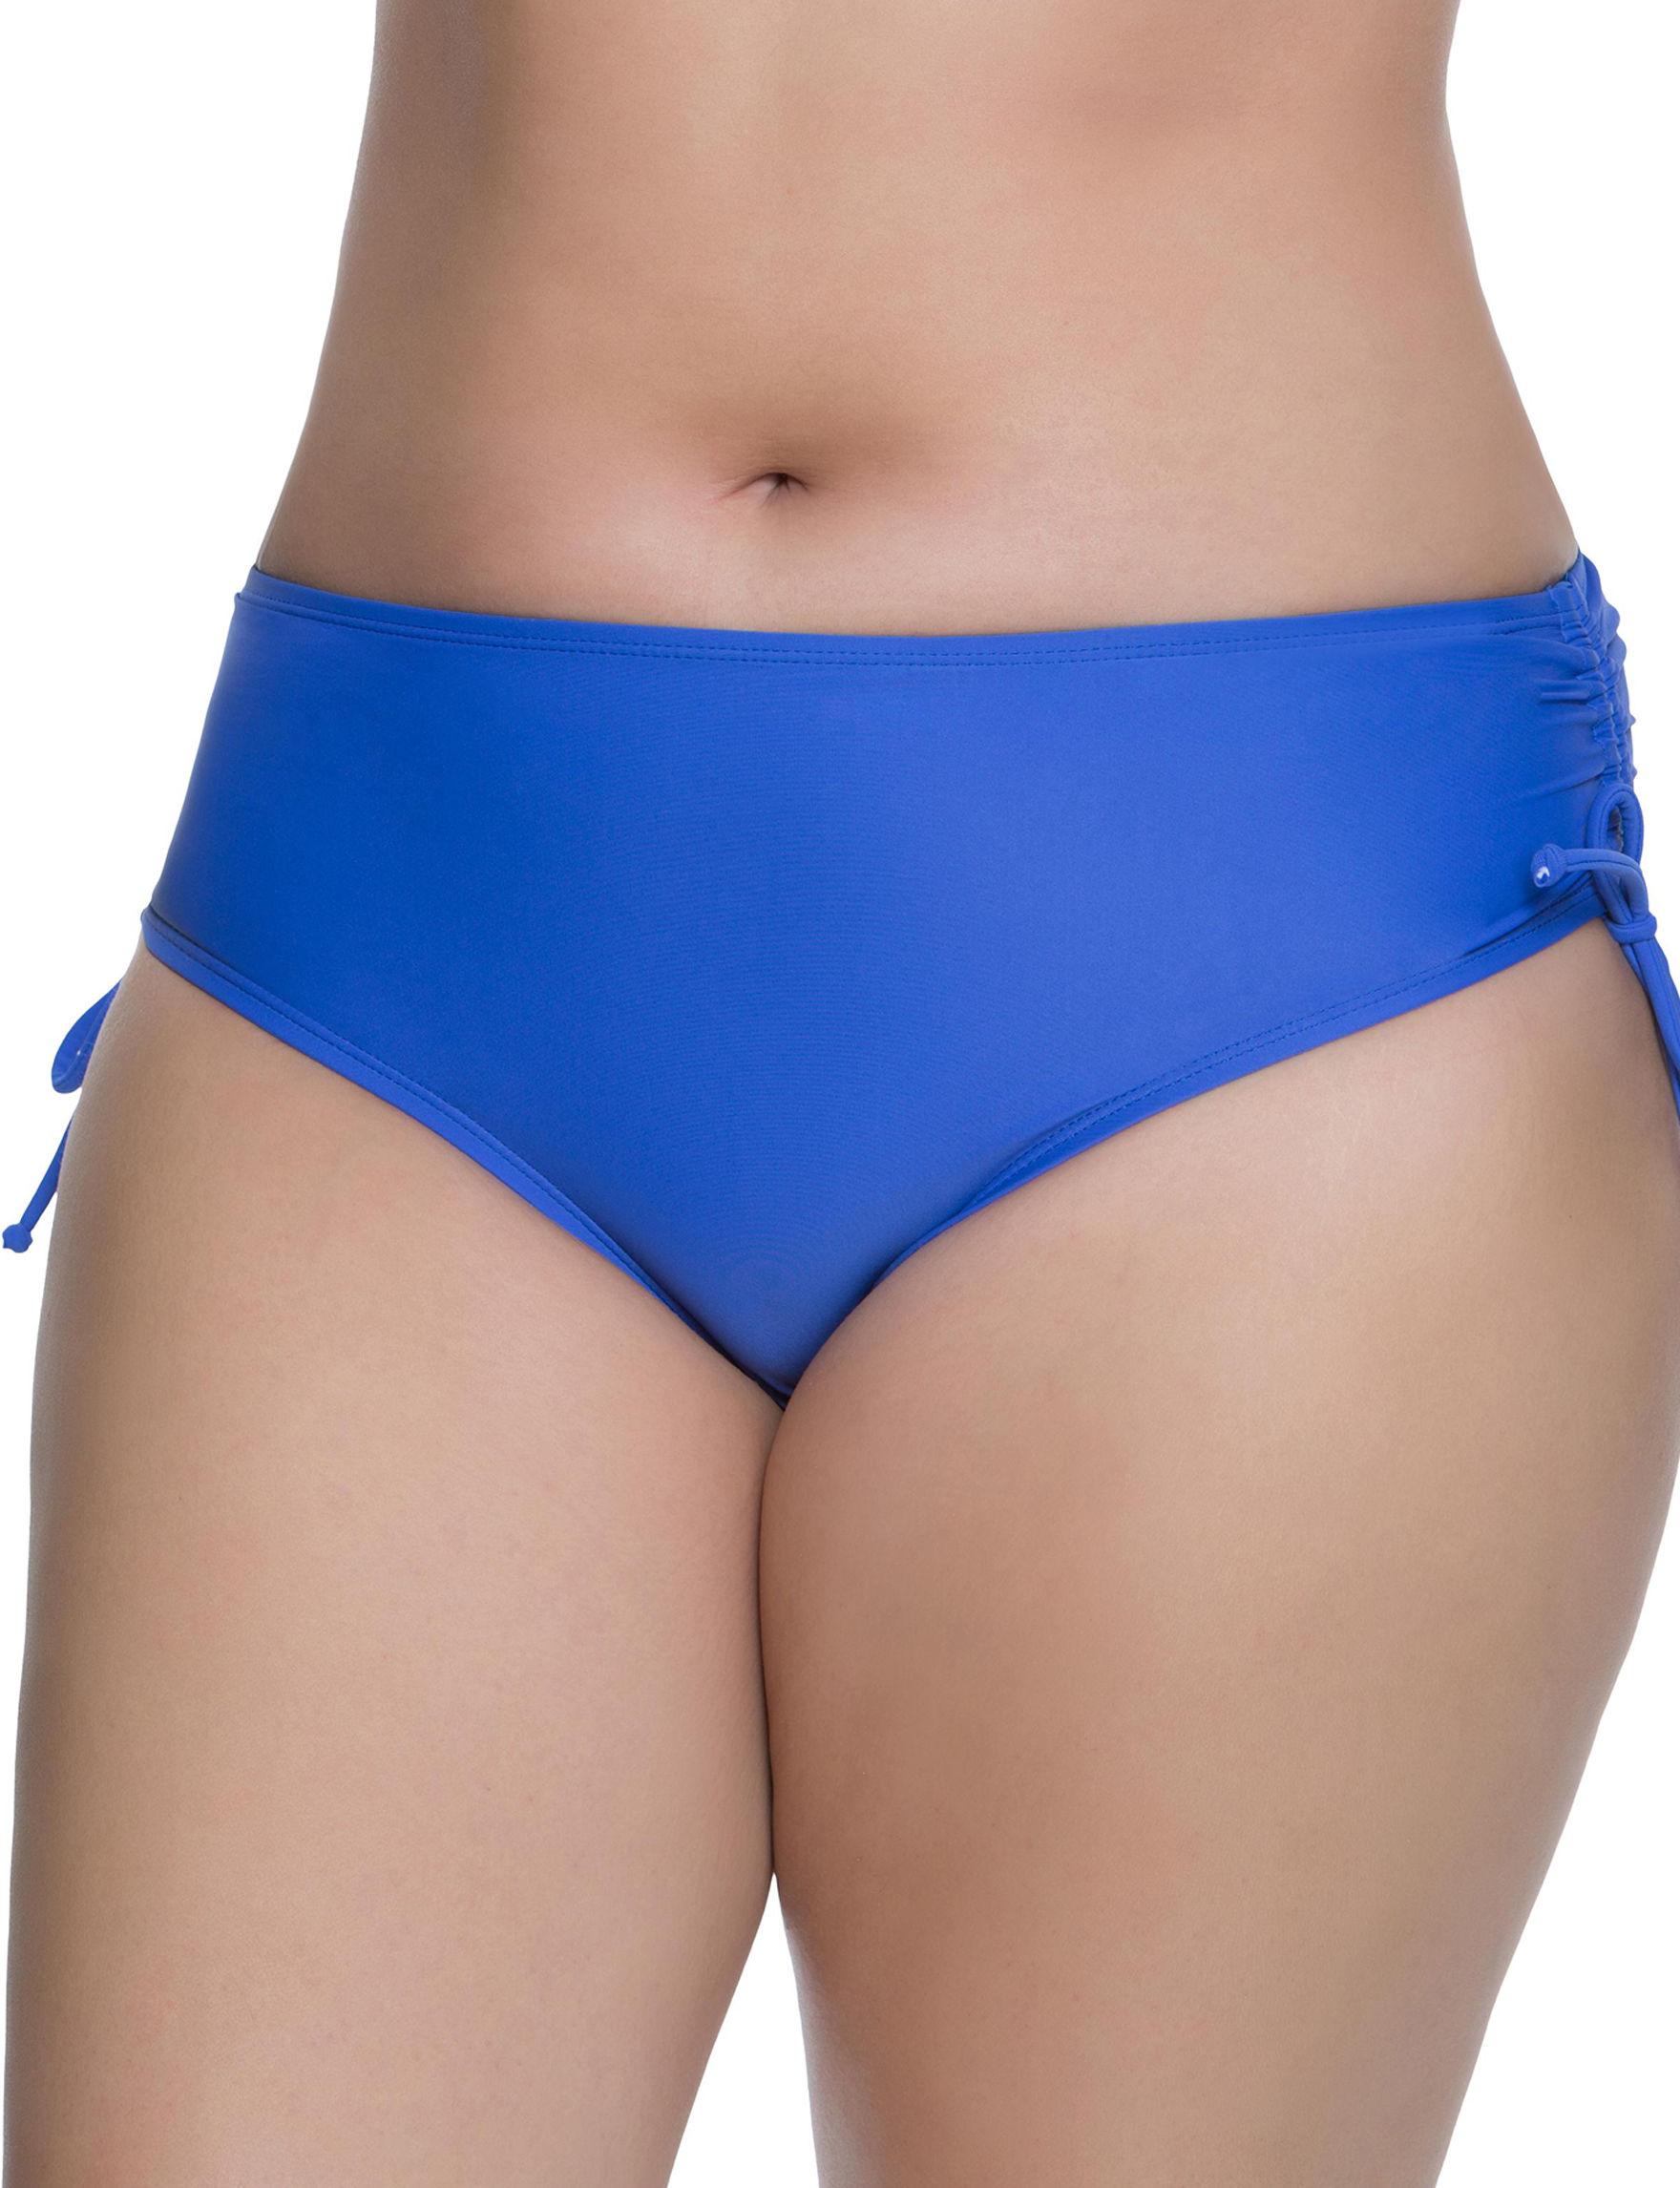 Beach Diva Cobalt Blue Swimsuit Bottoms Hipster